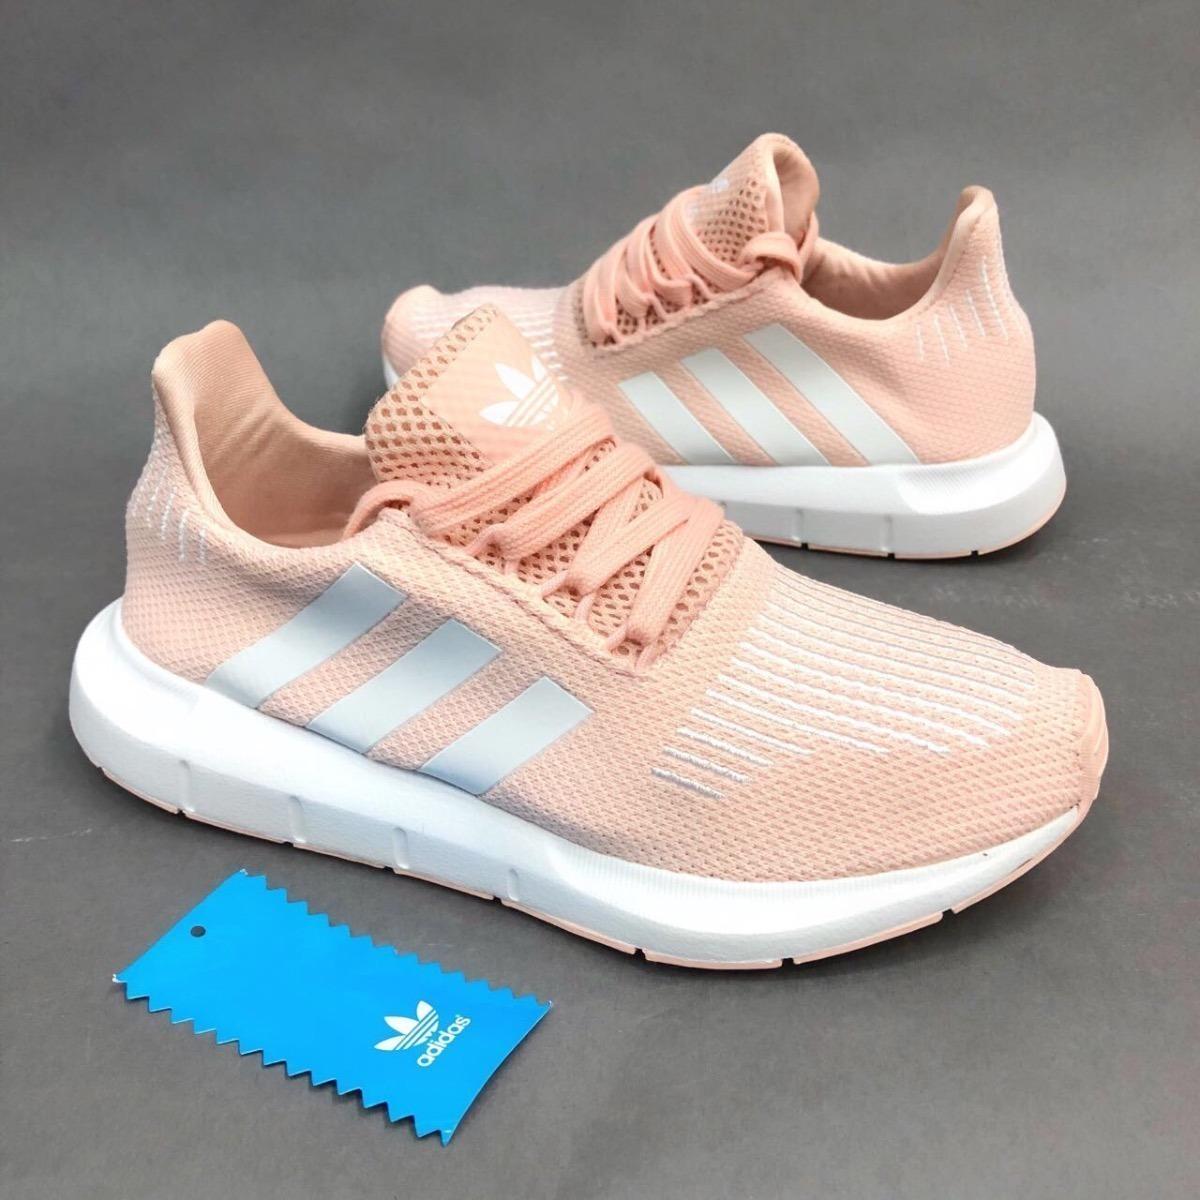 b810c552734f0 tenis zapatillas adidas swift run rosada mujer env gr. Cargando zoom... tenis  adidas mujer. Cargando zoom.